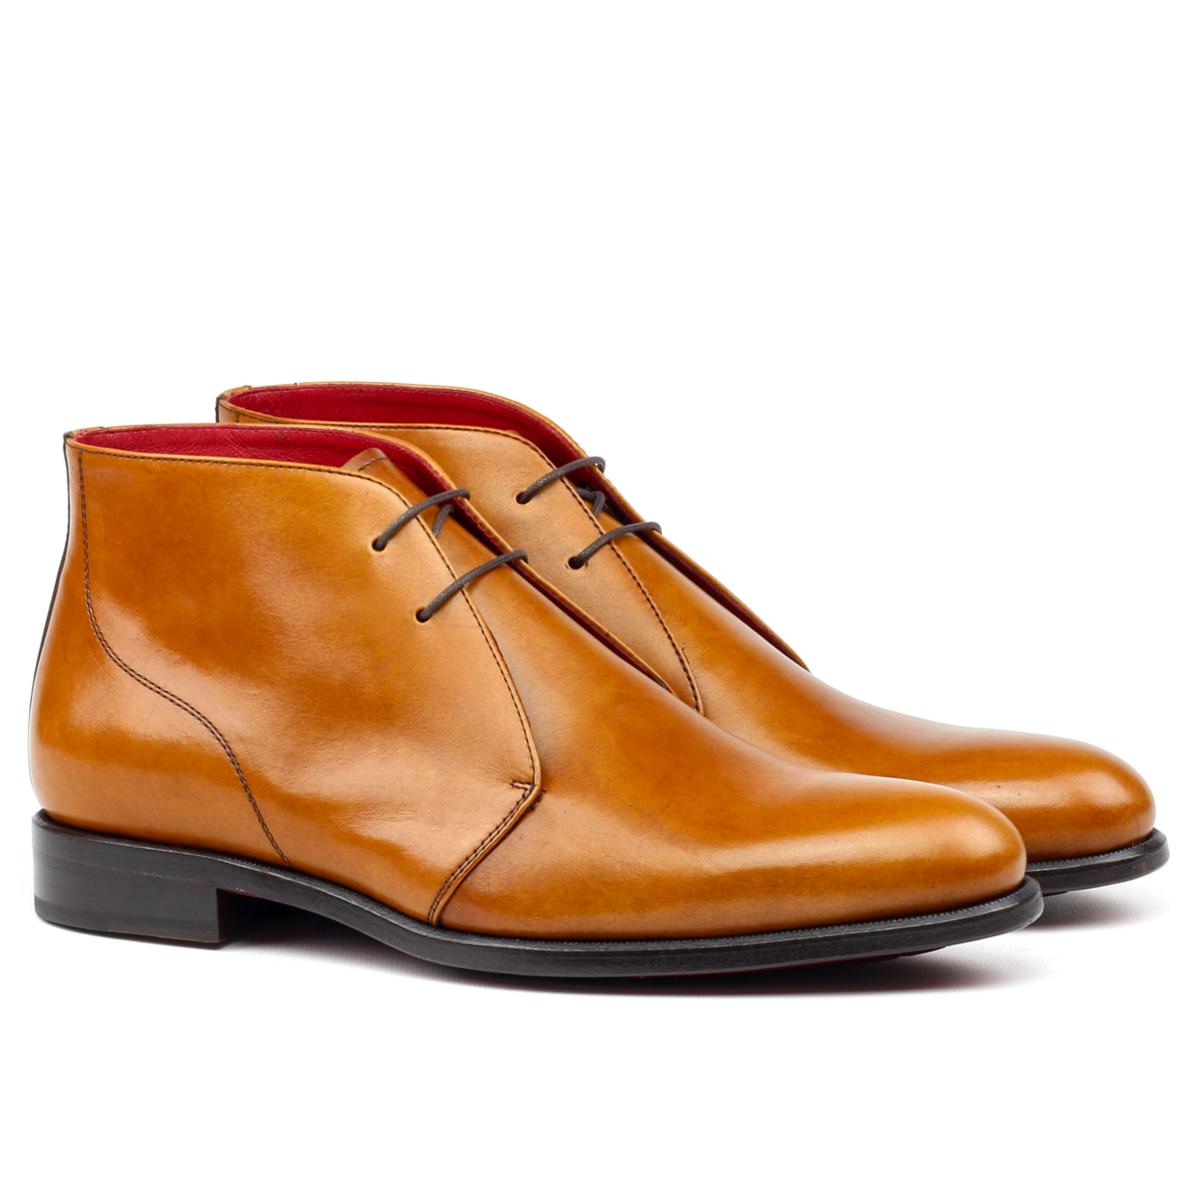 6333a2055d935 Chukka boot in cognac boxcalf - Cambrillón Bespoke Leather